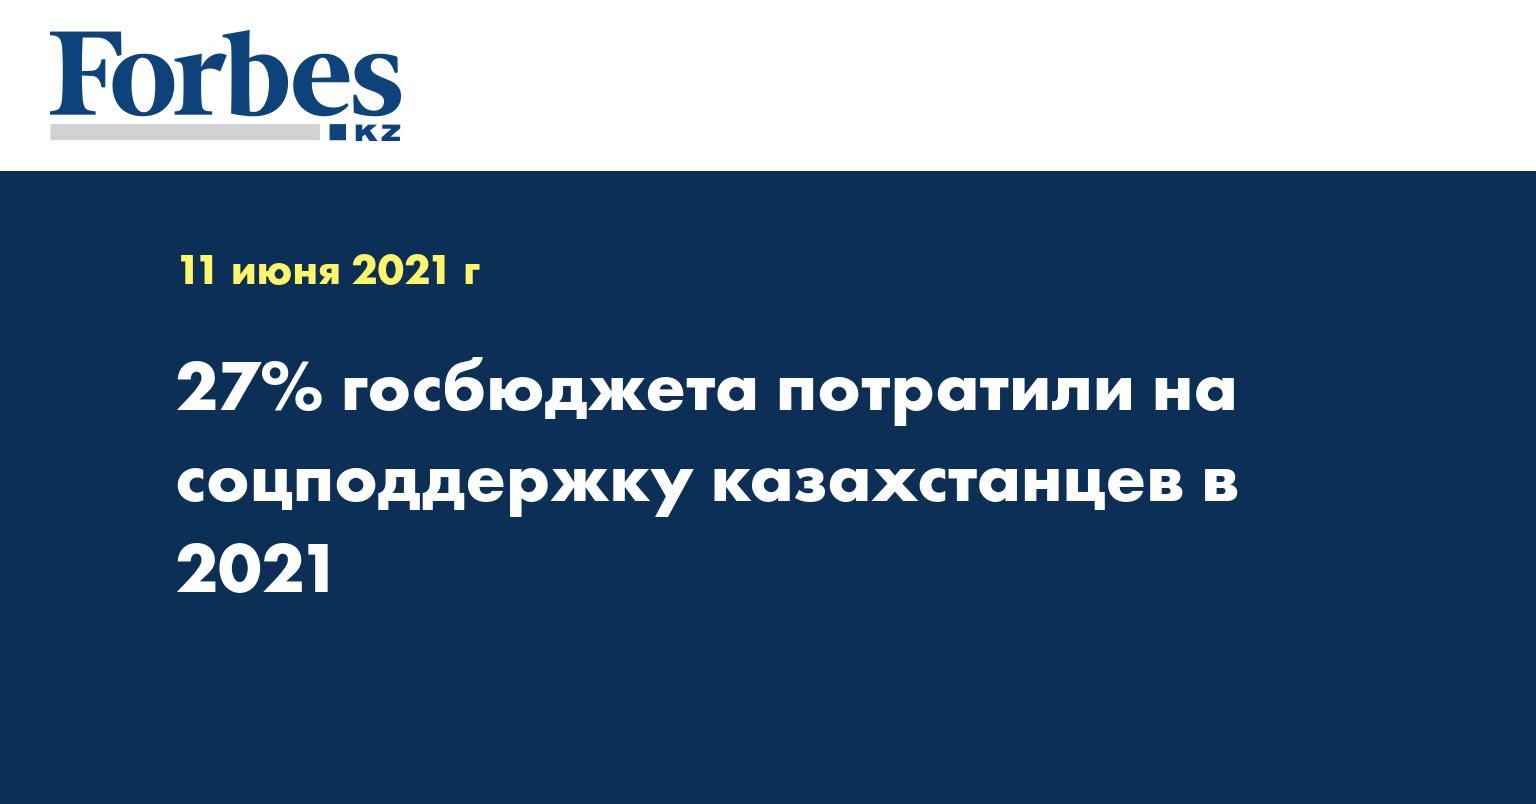 27% госбюджета потратили на соцподдержку казахстанцев в 2021